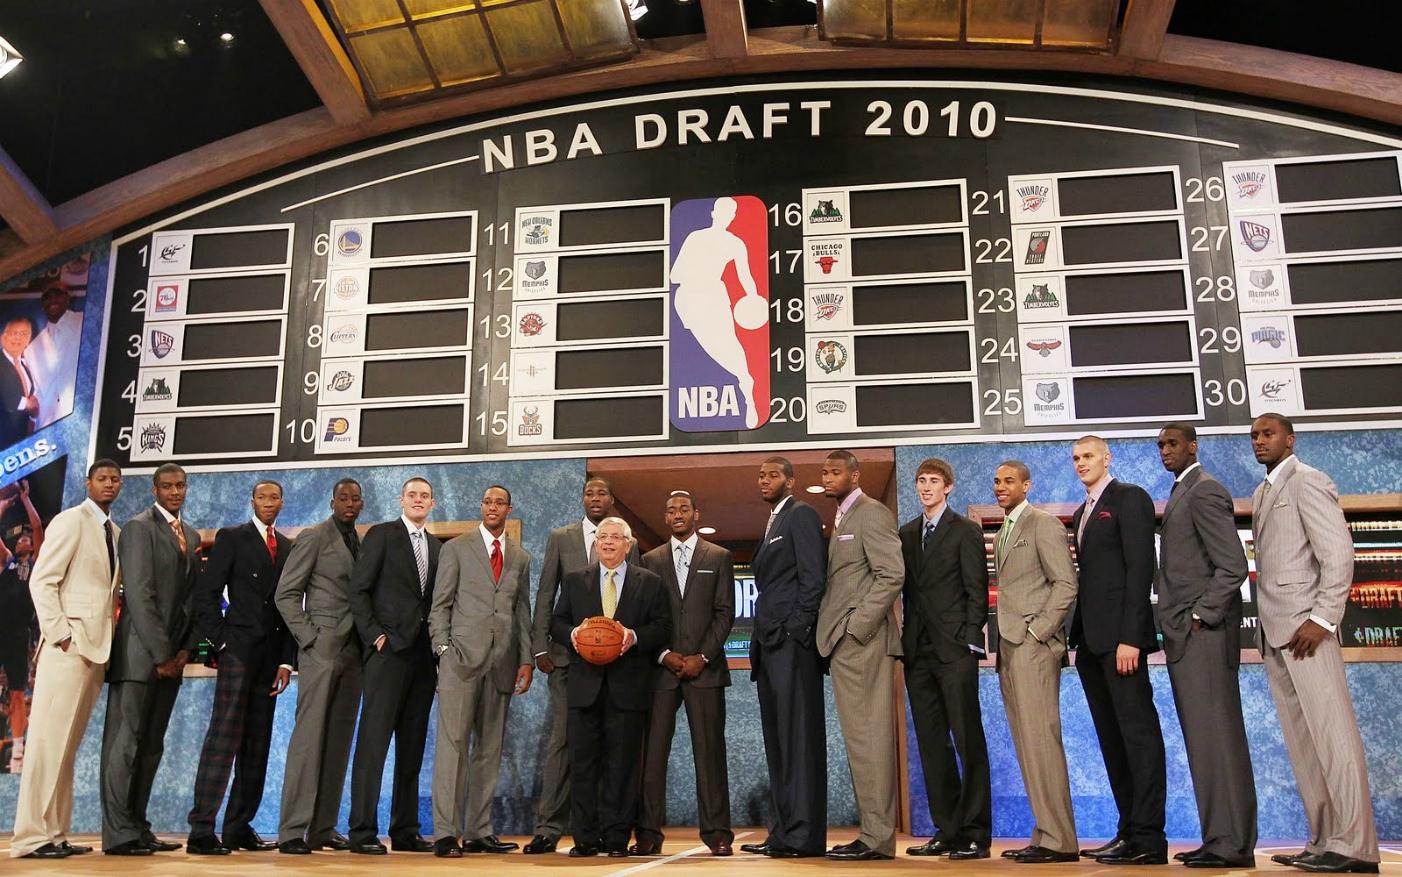 La Draft 2010 comme elle aurait dû être